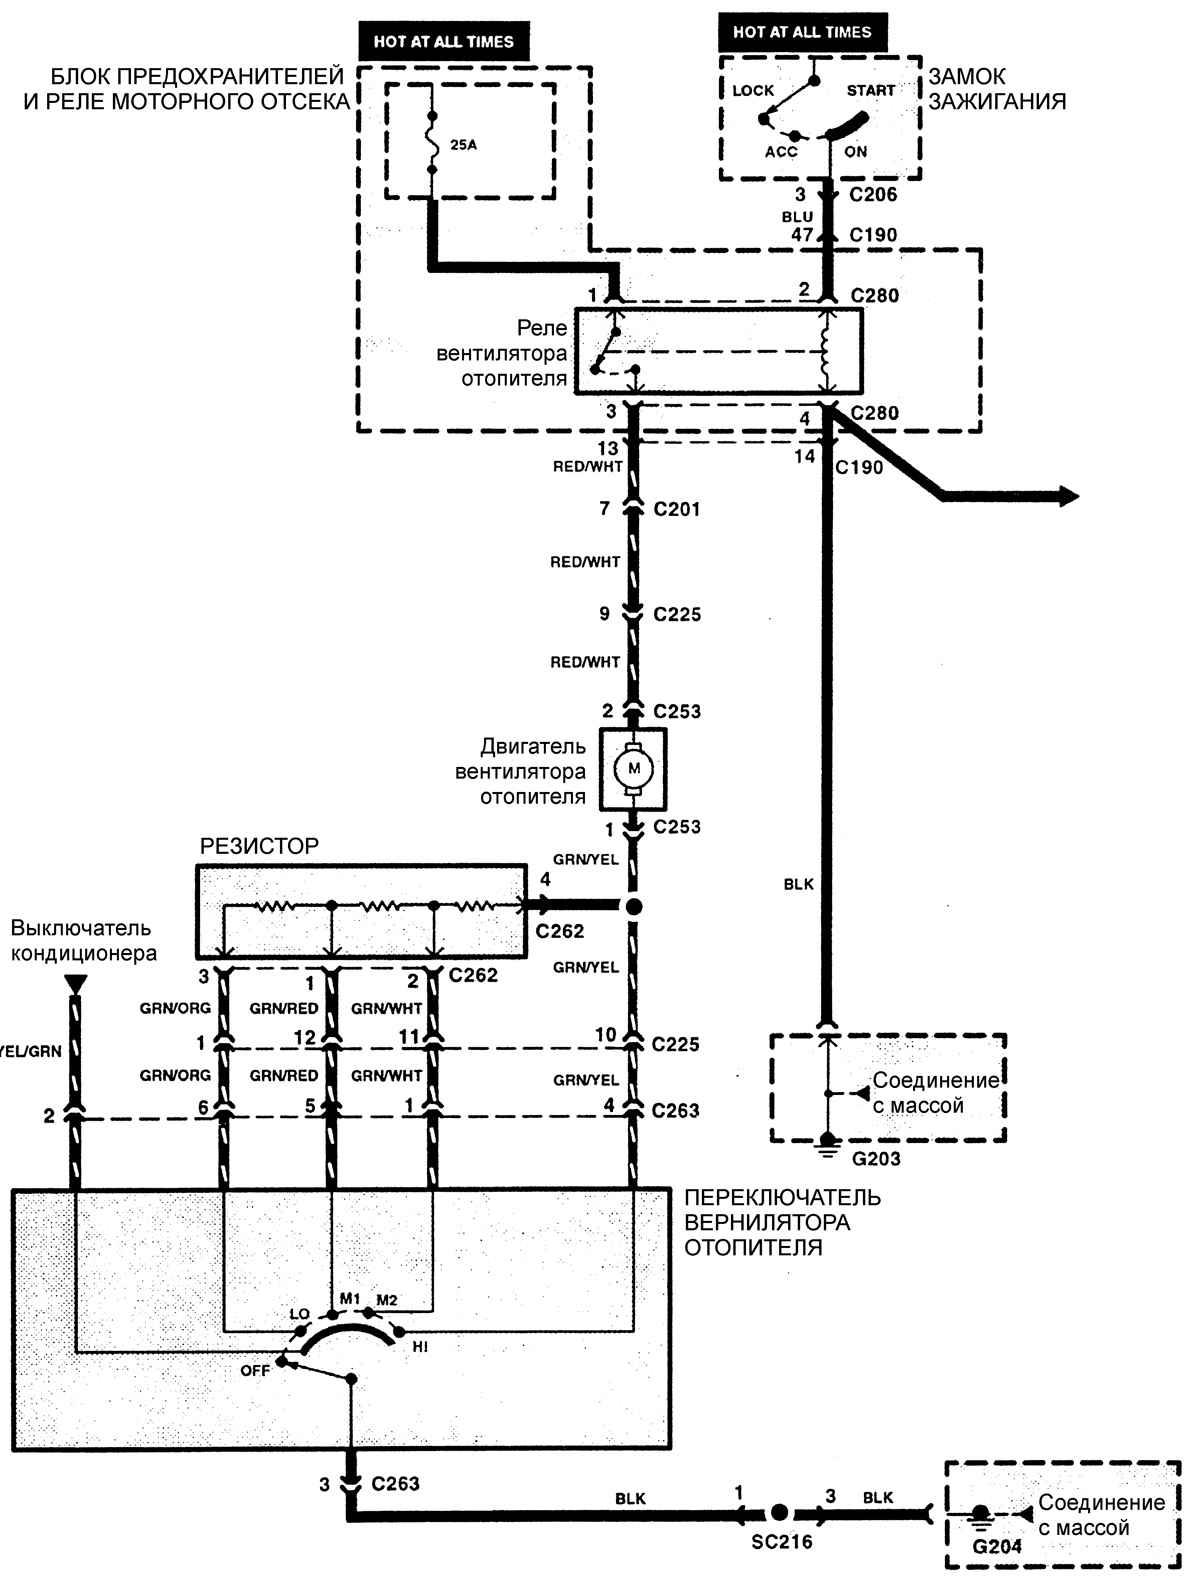 БЛОК ПРЕДОХРАНИТЕЛЕЙ на КИА ceed sw.  Киа Шума/Сефия Система Схема предохранителей киа.